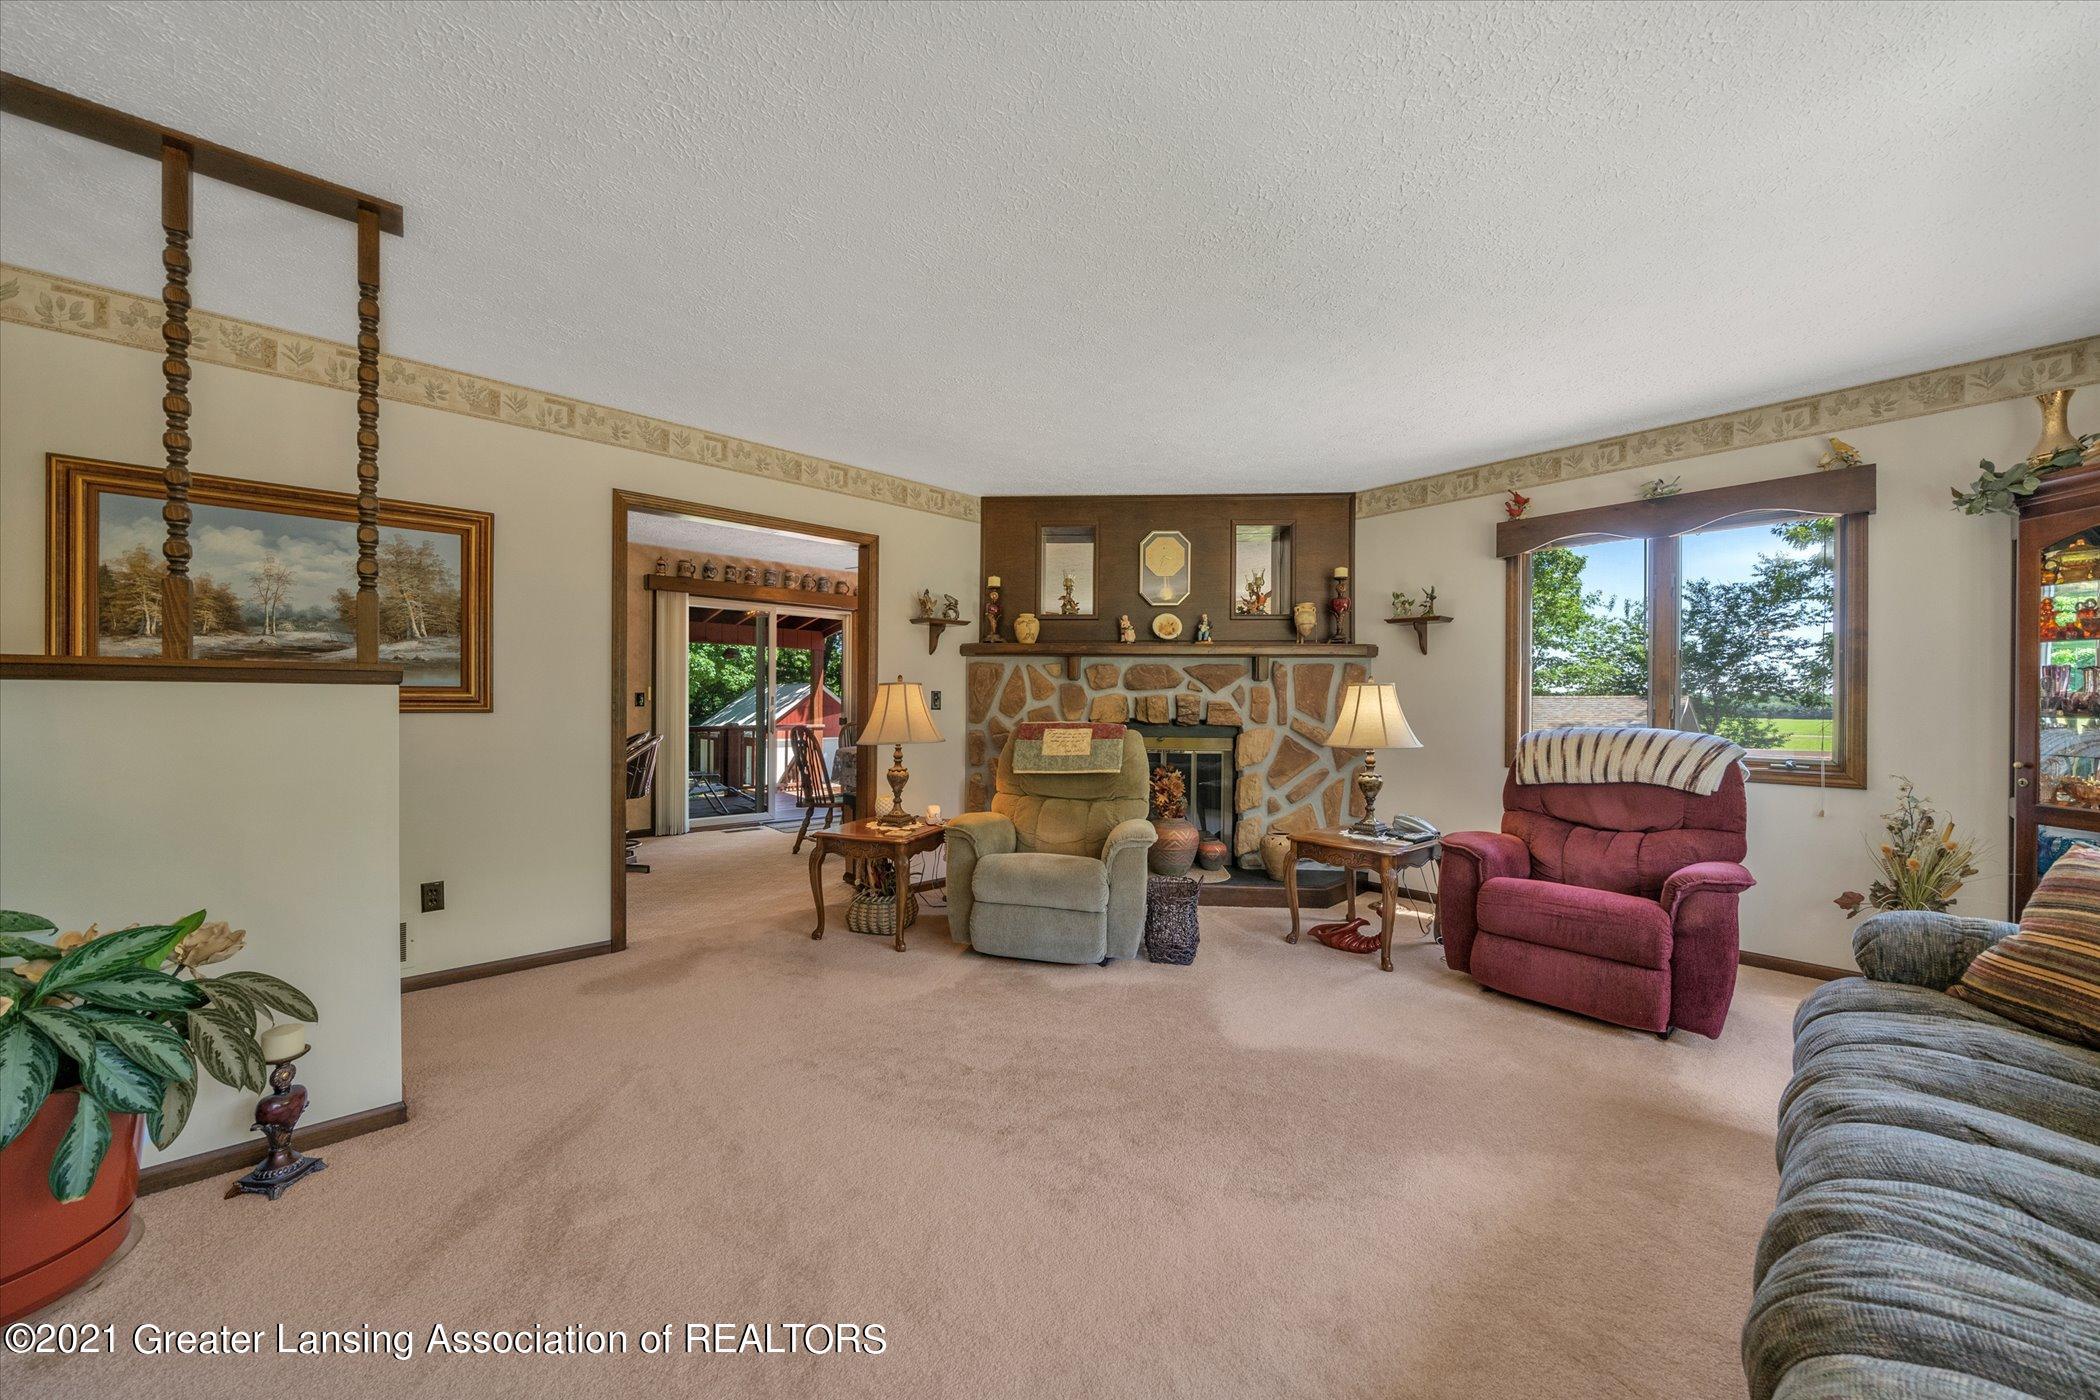 7851 S Cochran Rd - (13) MAIN FLOOR Living Room - 13